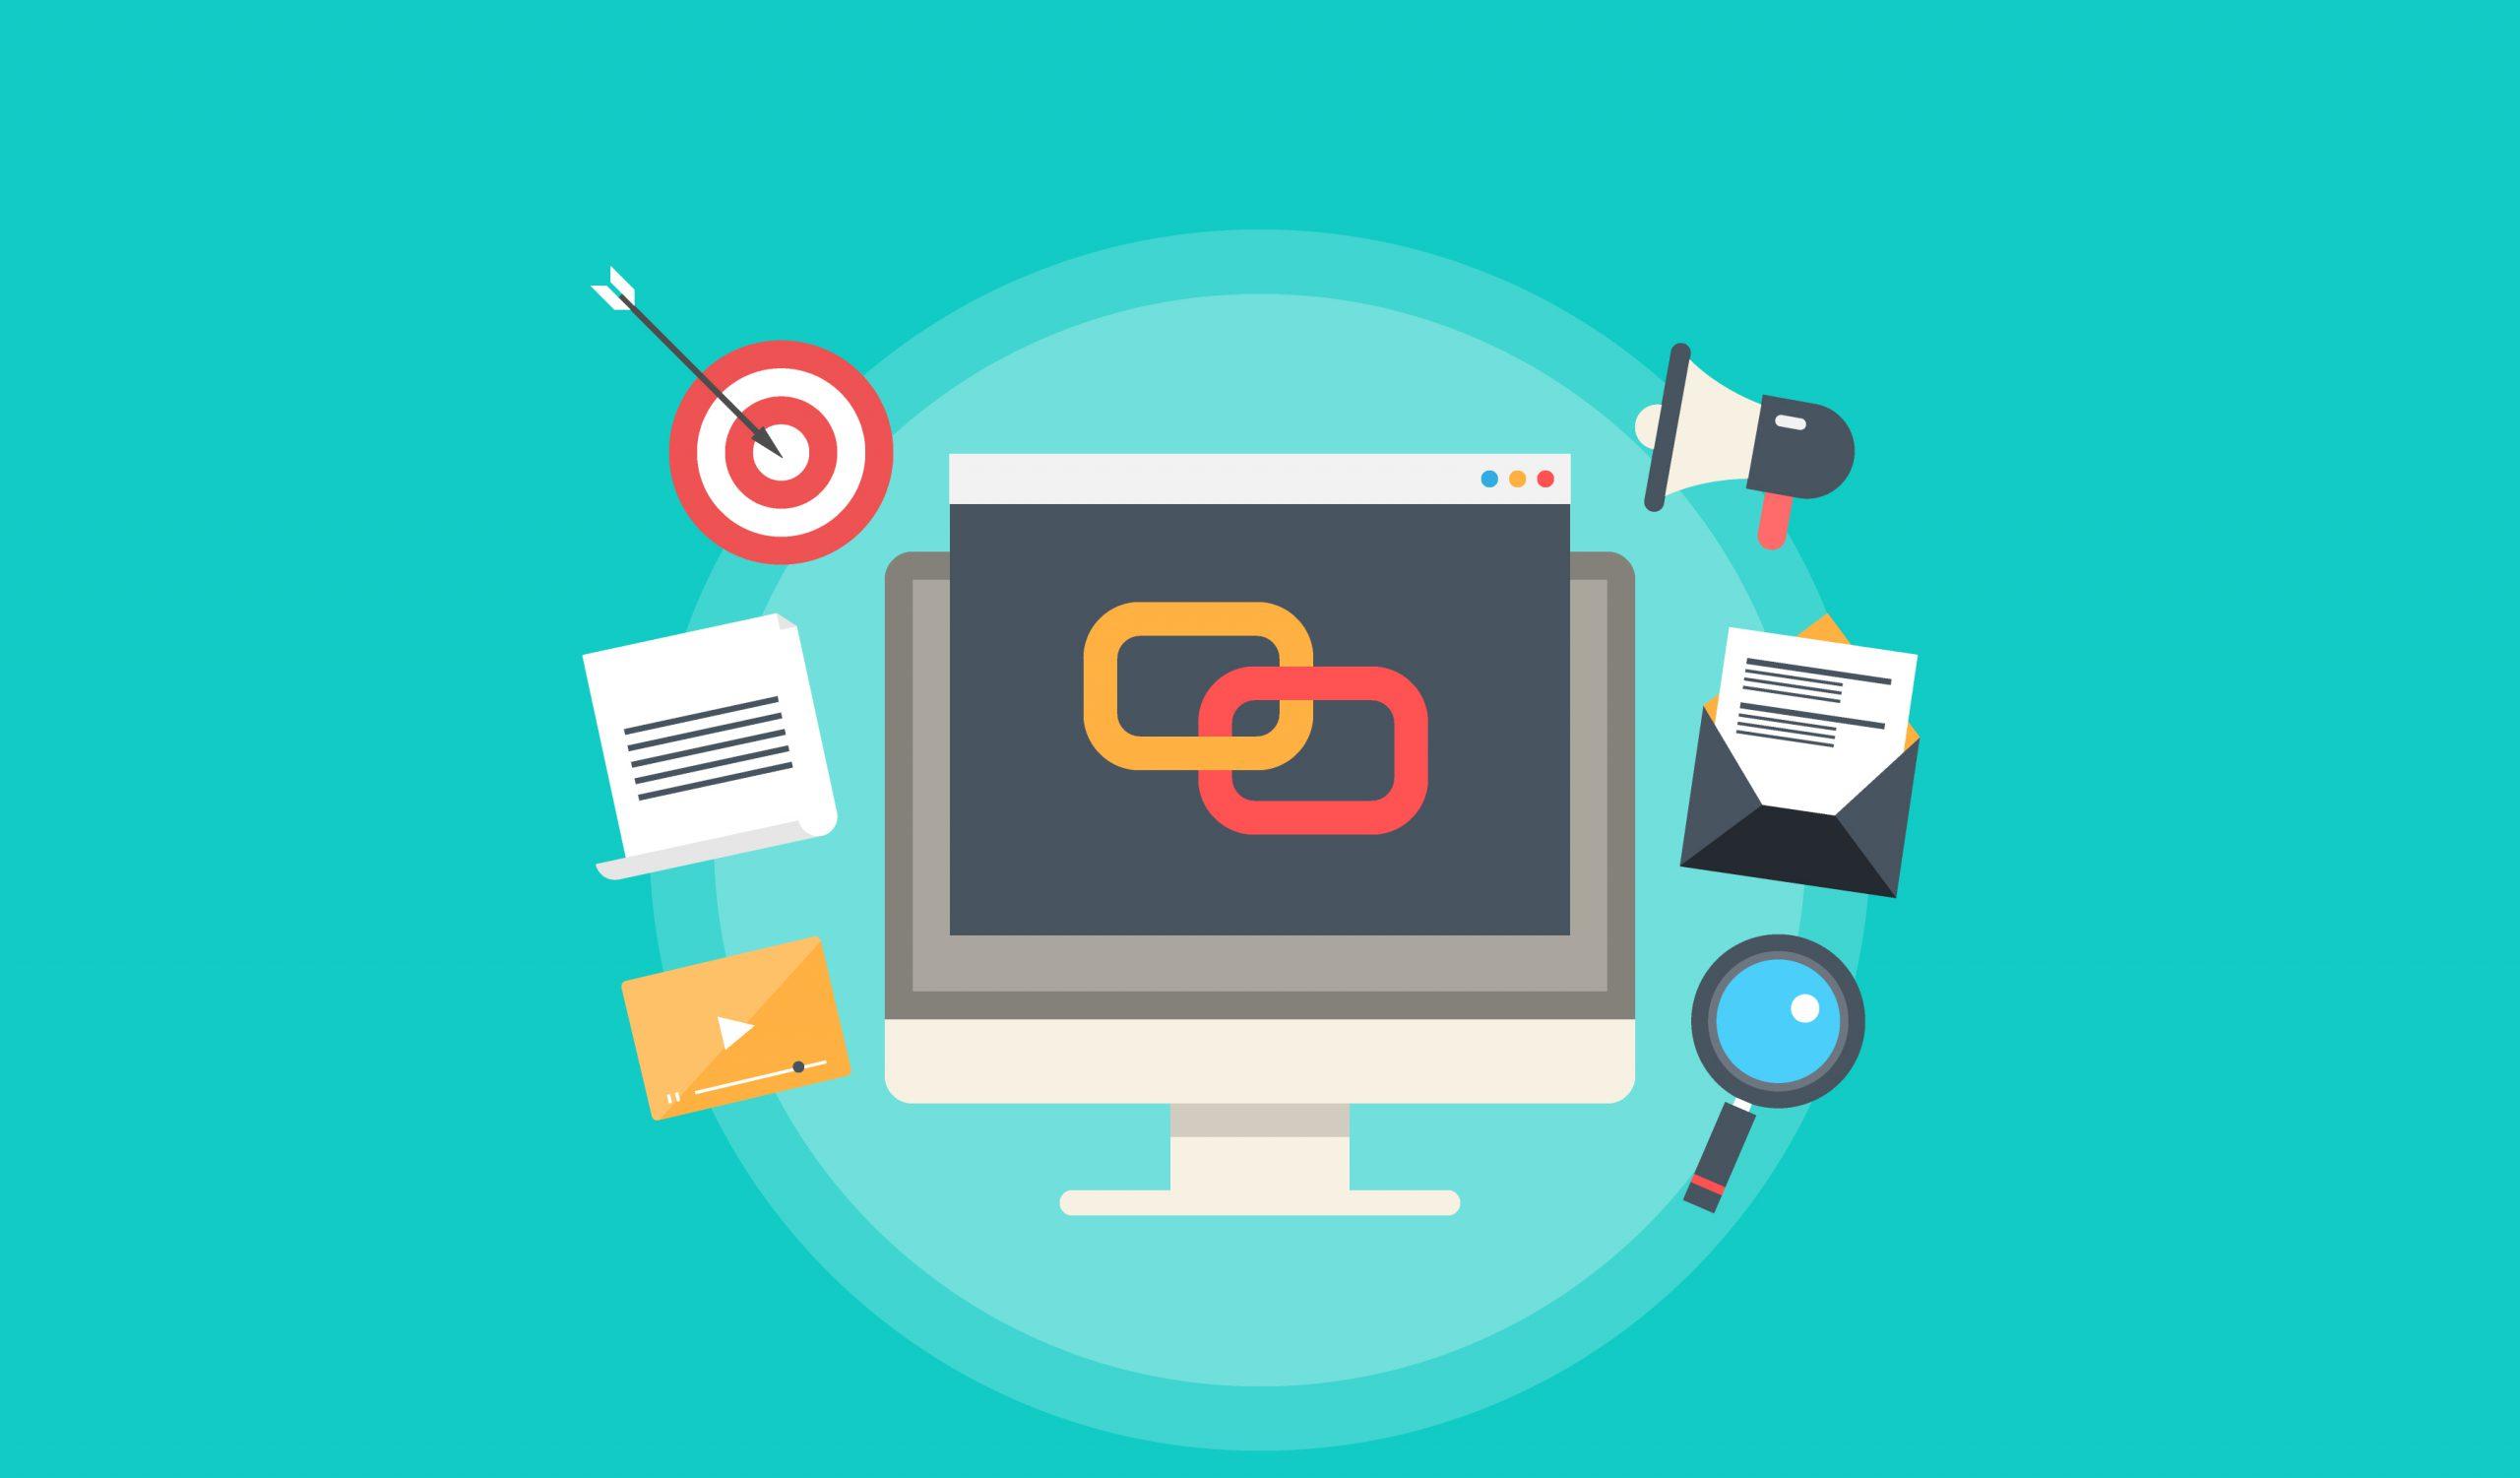 لینک سازی داخلی سایت